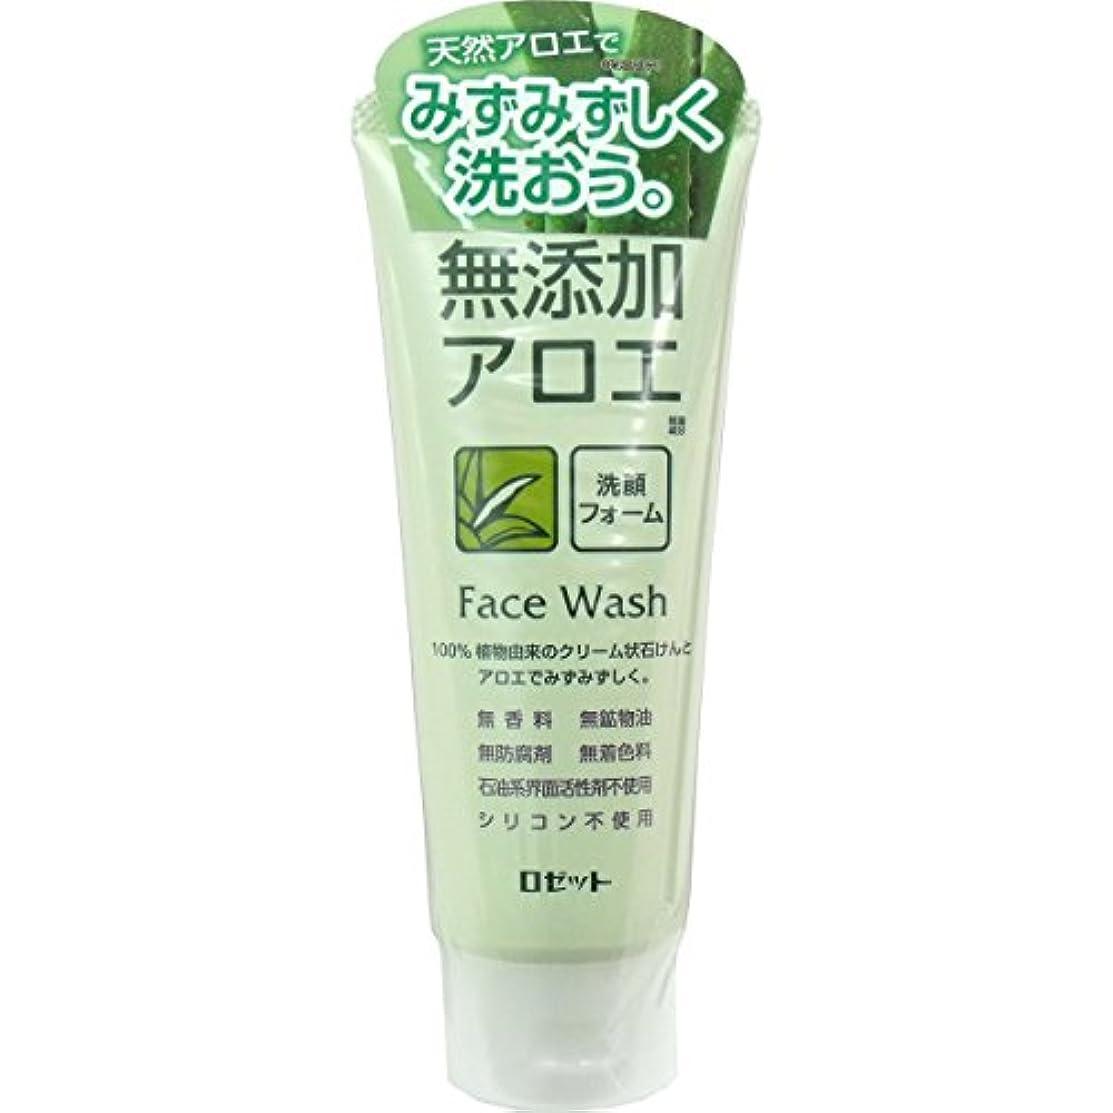 を通して人気アクティビティ【ロゼット】無添加アロエ 洗顔フォーム 140g ×10個セット